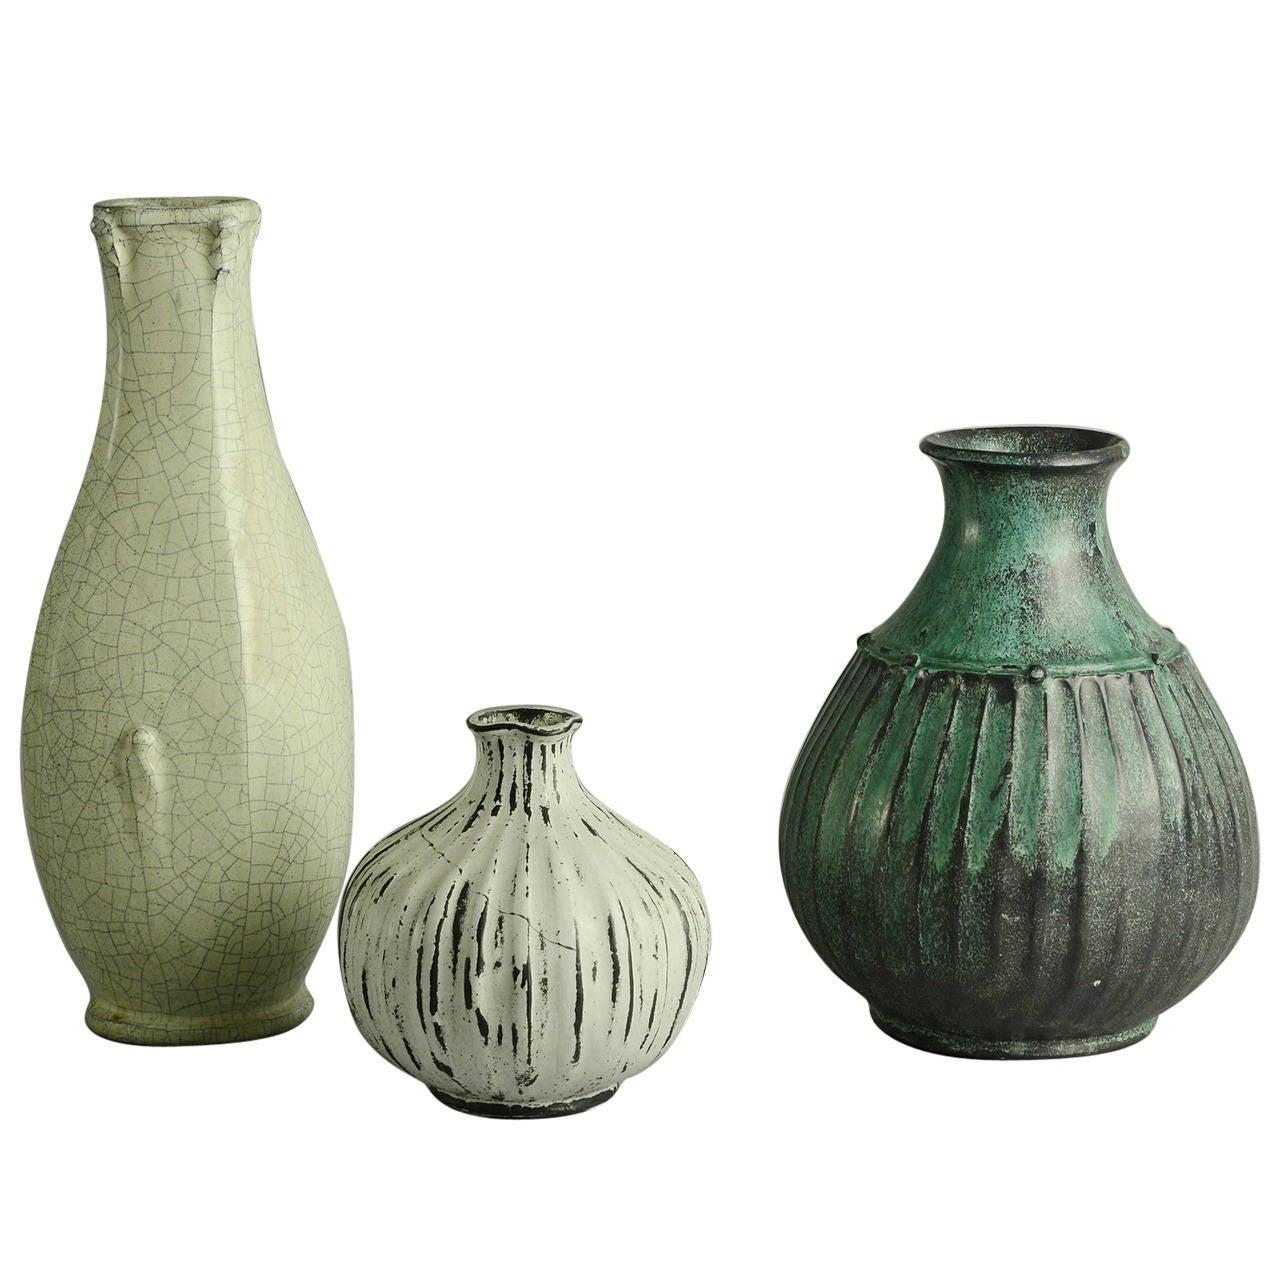 svend hammersh i for herman k hler three vases sold separately at 1stdibs. Black Bedroom Furniture Sets. Home Design Ideas